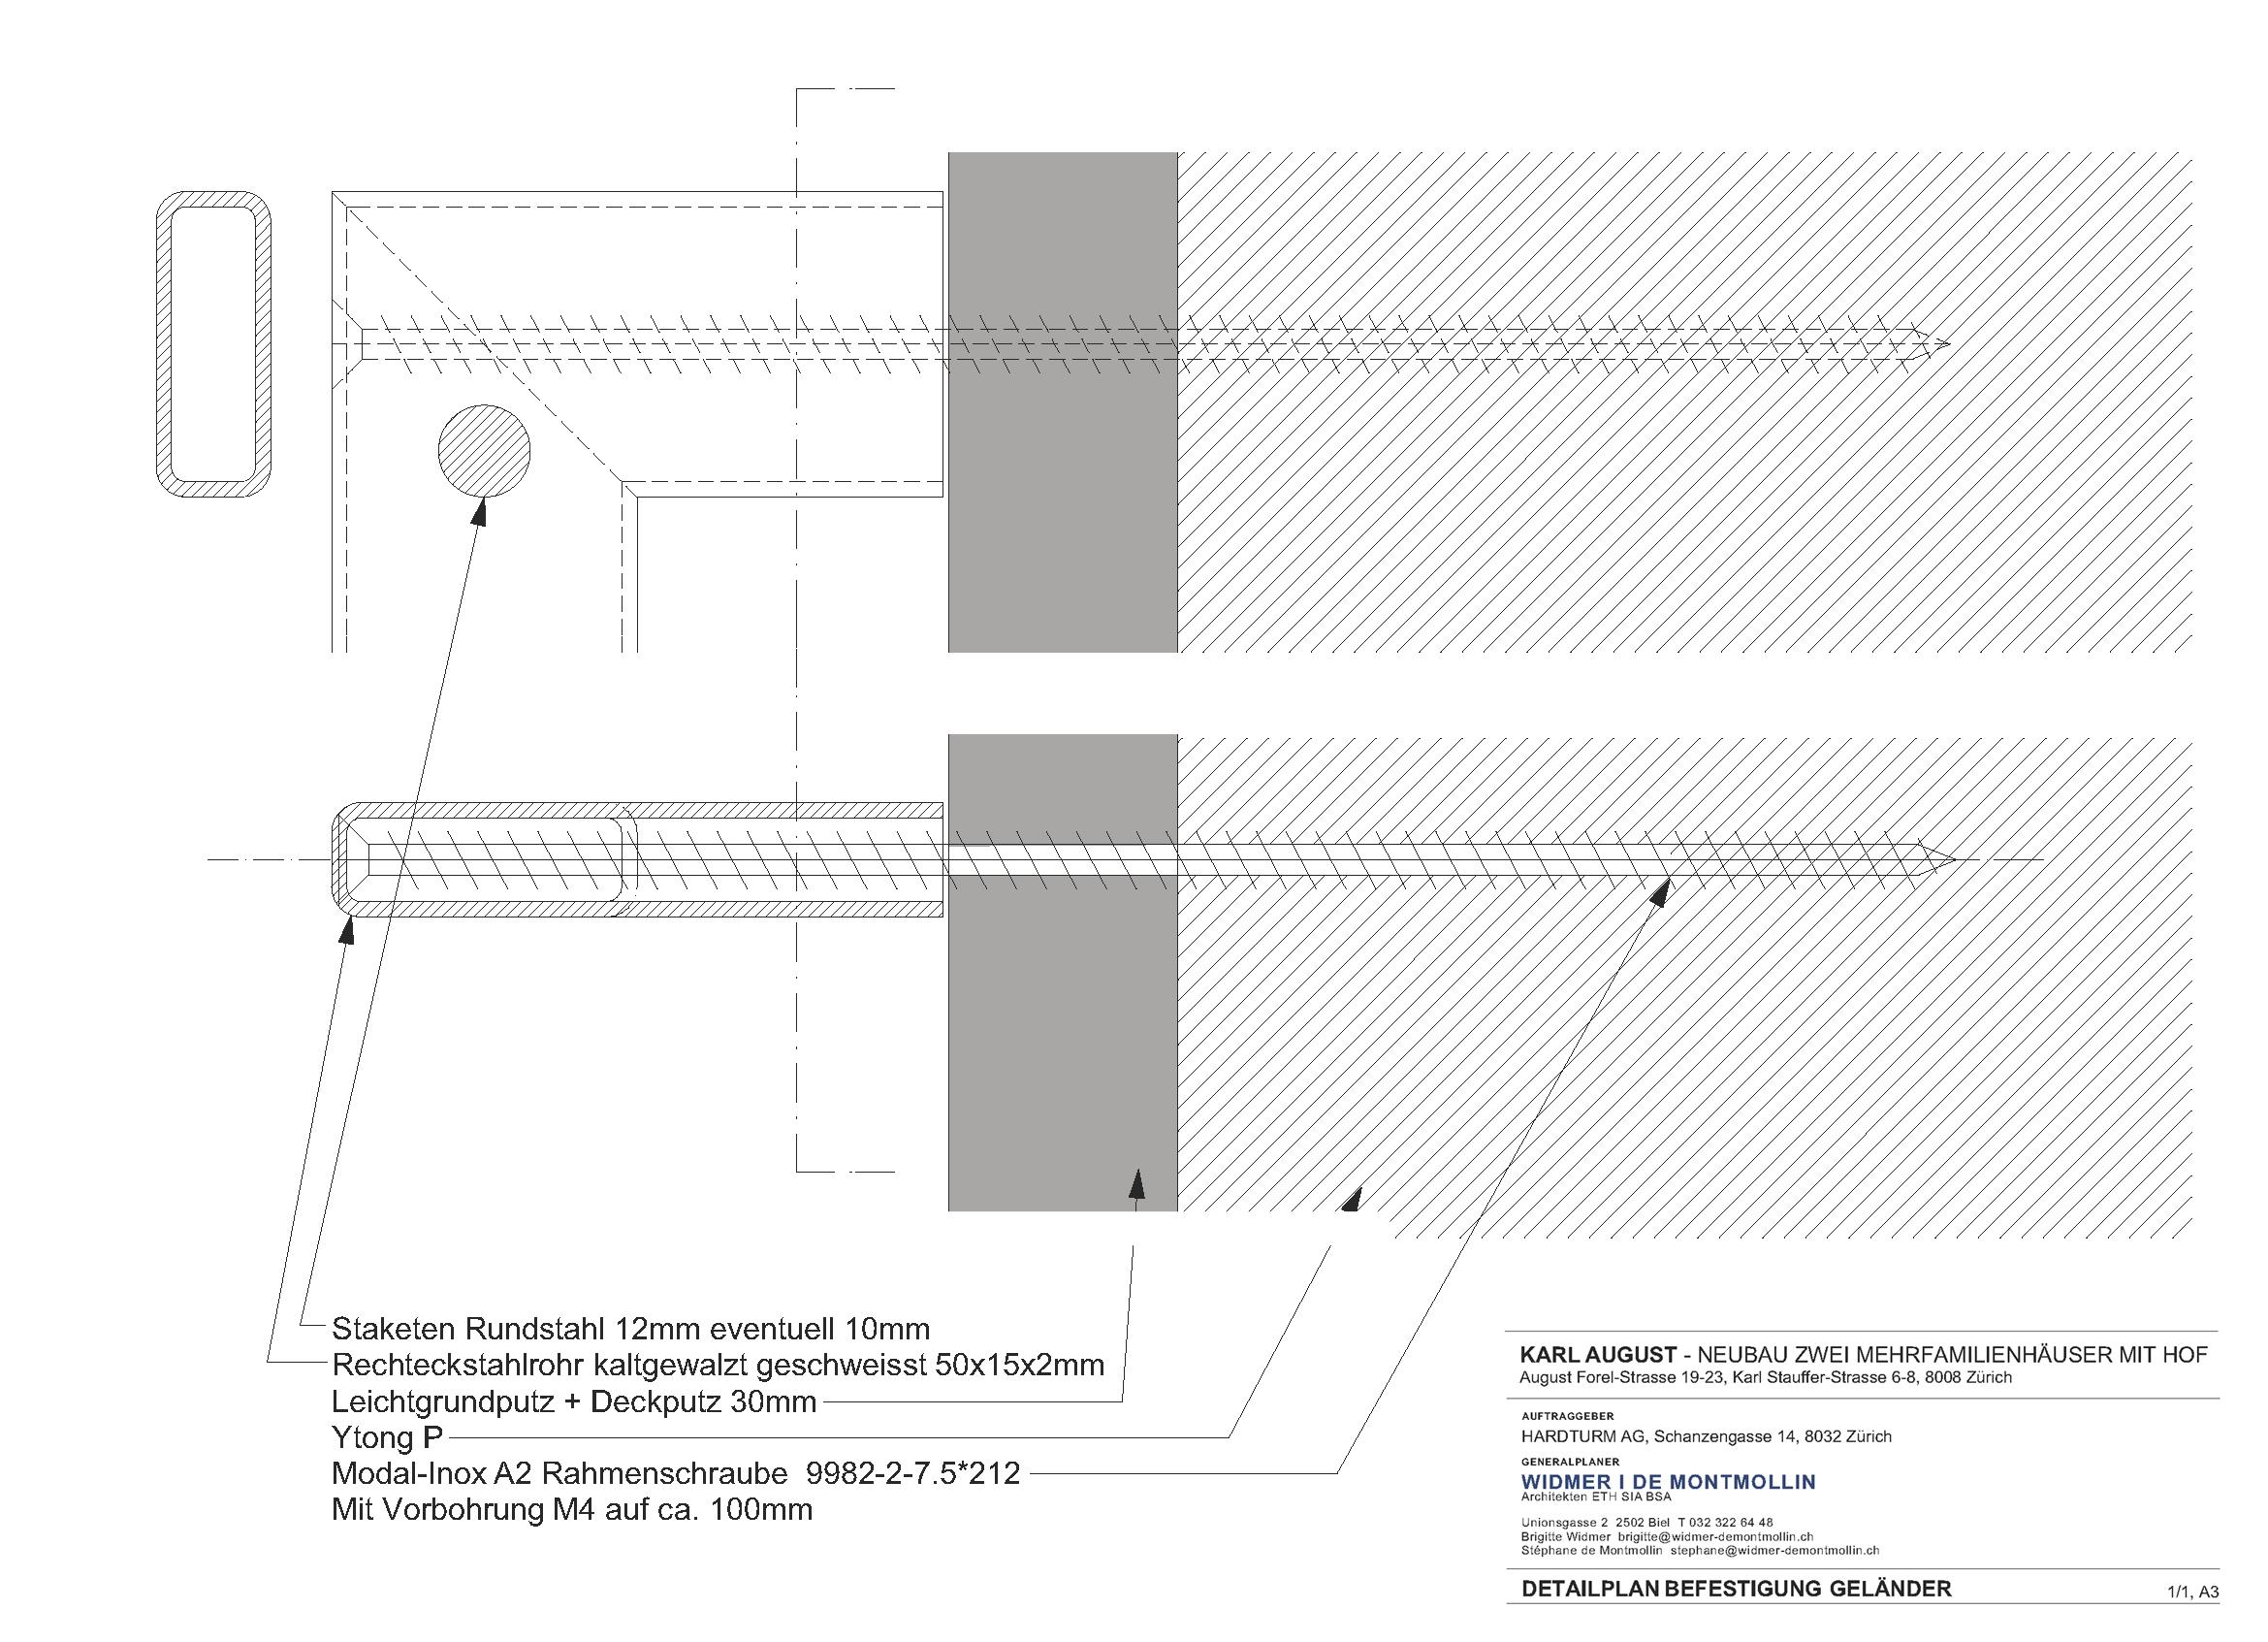 Detailplan Befestigung Geländer